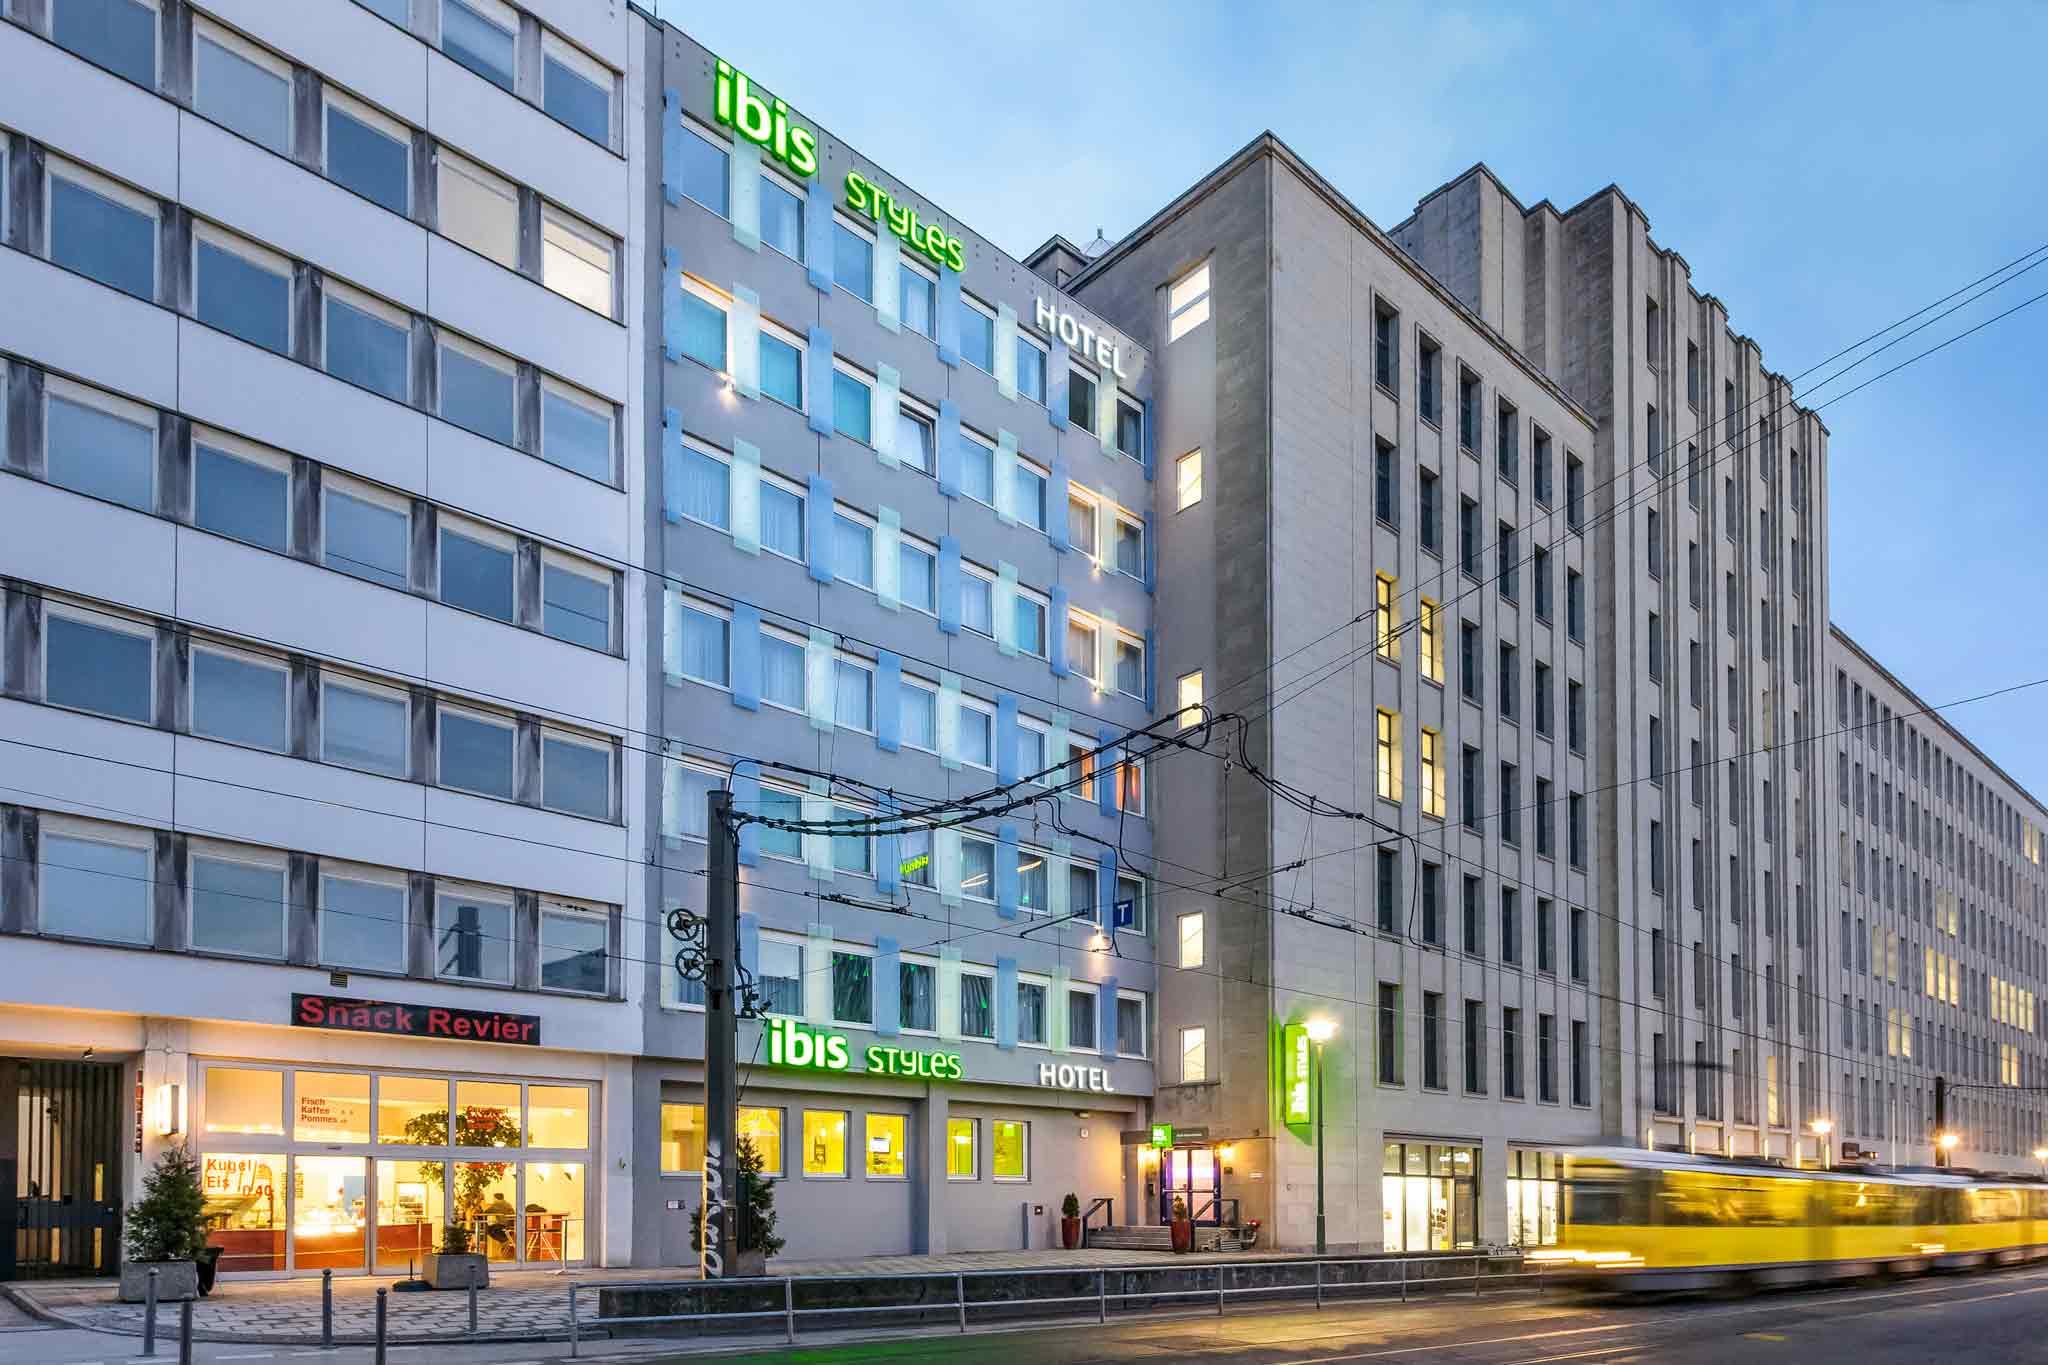 فندق - إيبيس ستايلز ibis Styles برلين ألكسندر بلاتز